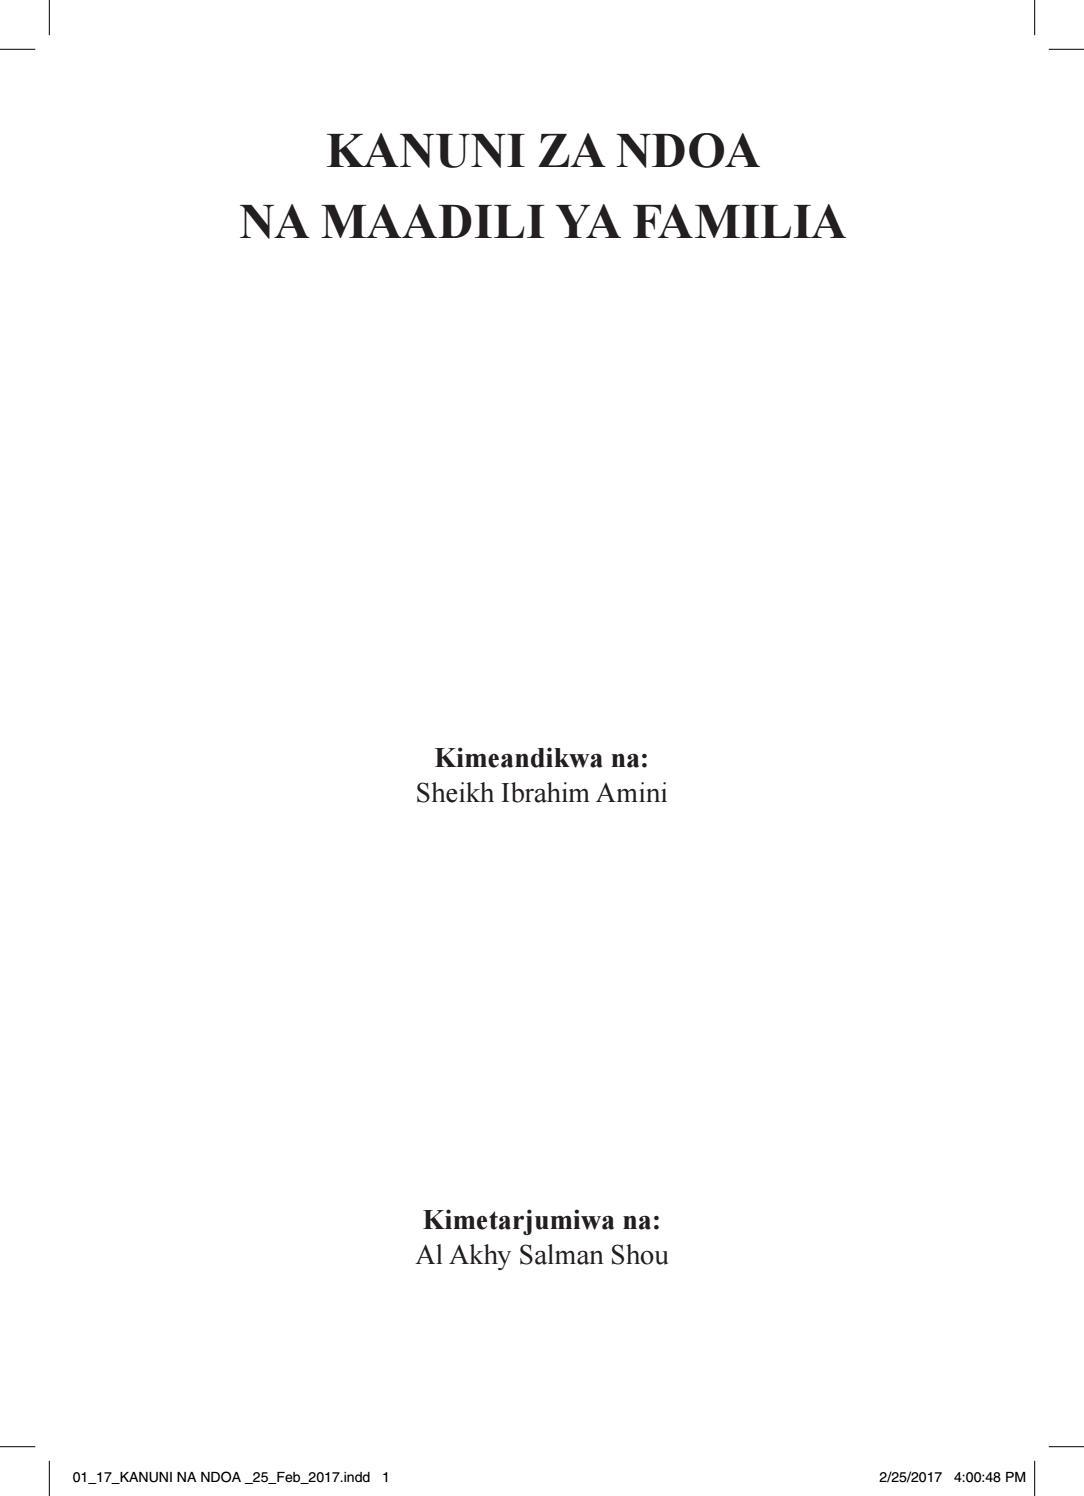 Kanuni za ndoa na maadili ya familia by Alitrah Foundation